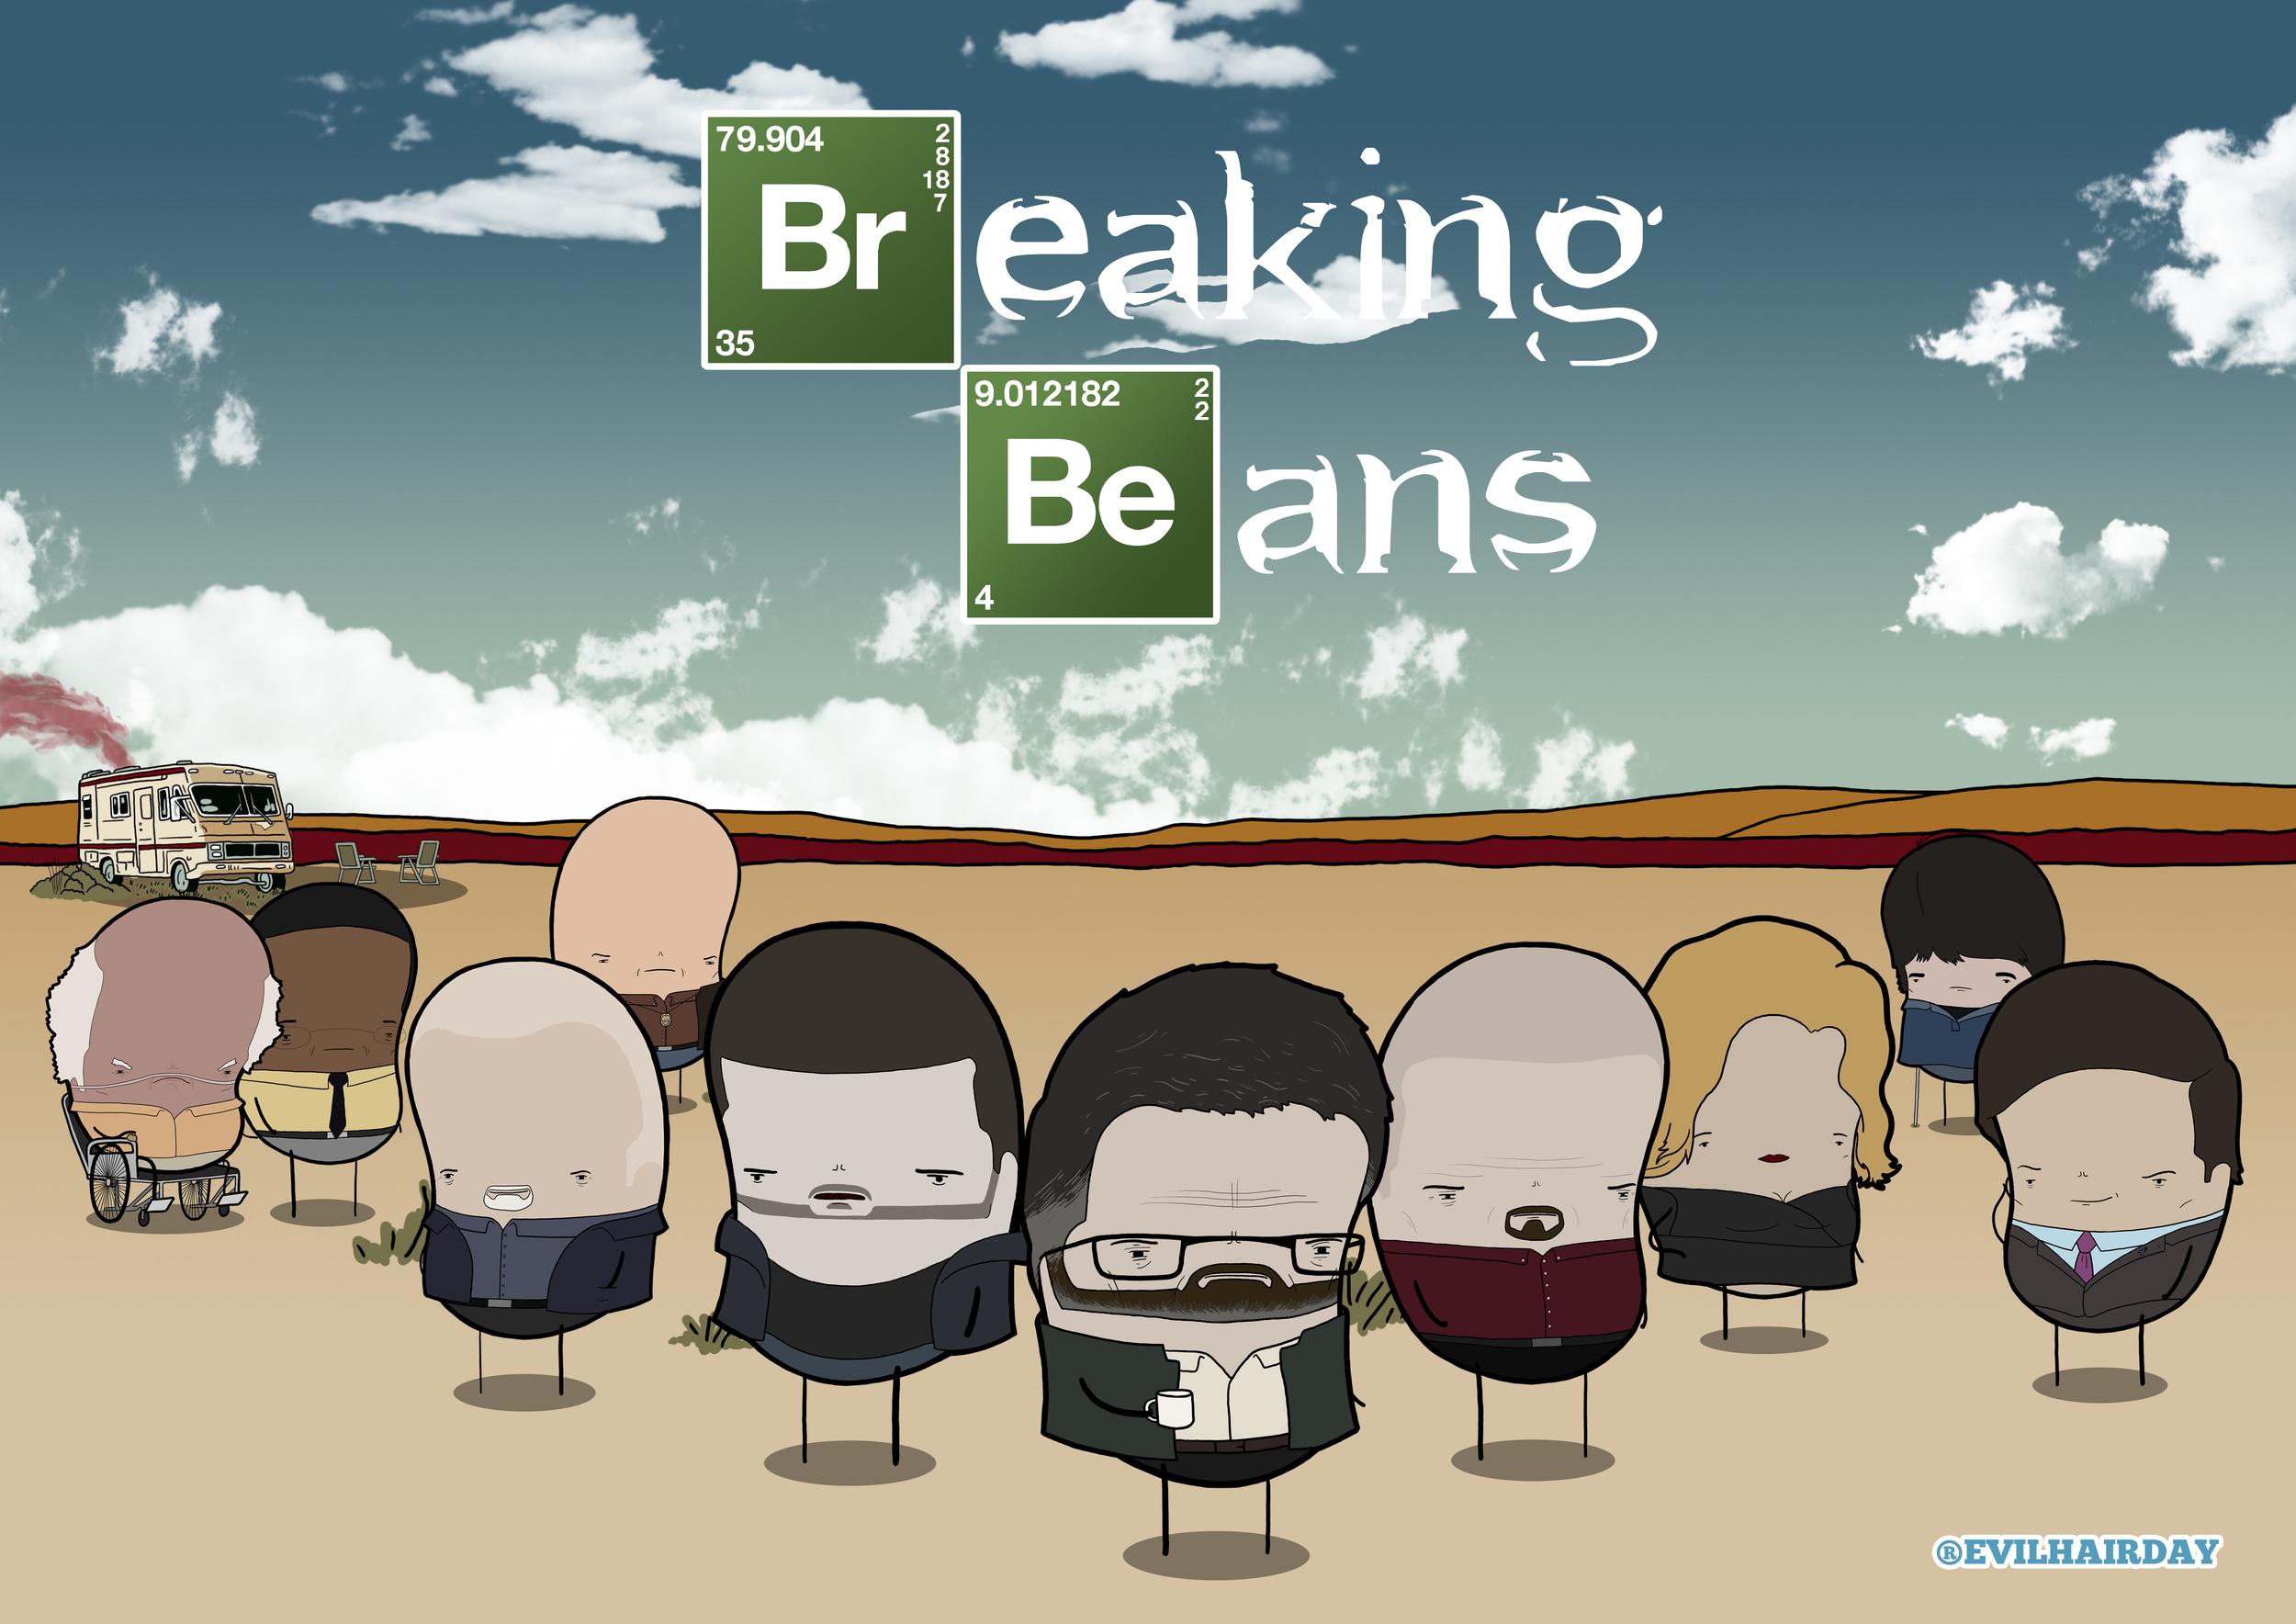 breaking beans poster 2.0.jpg